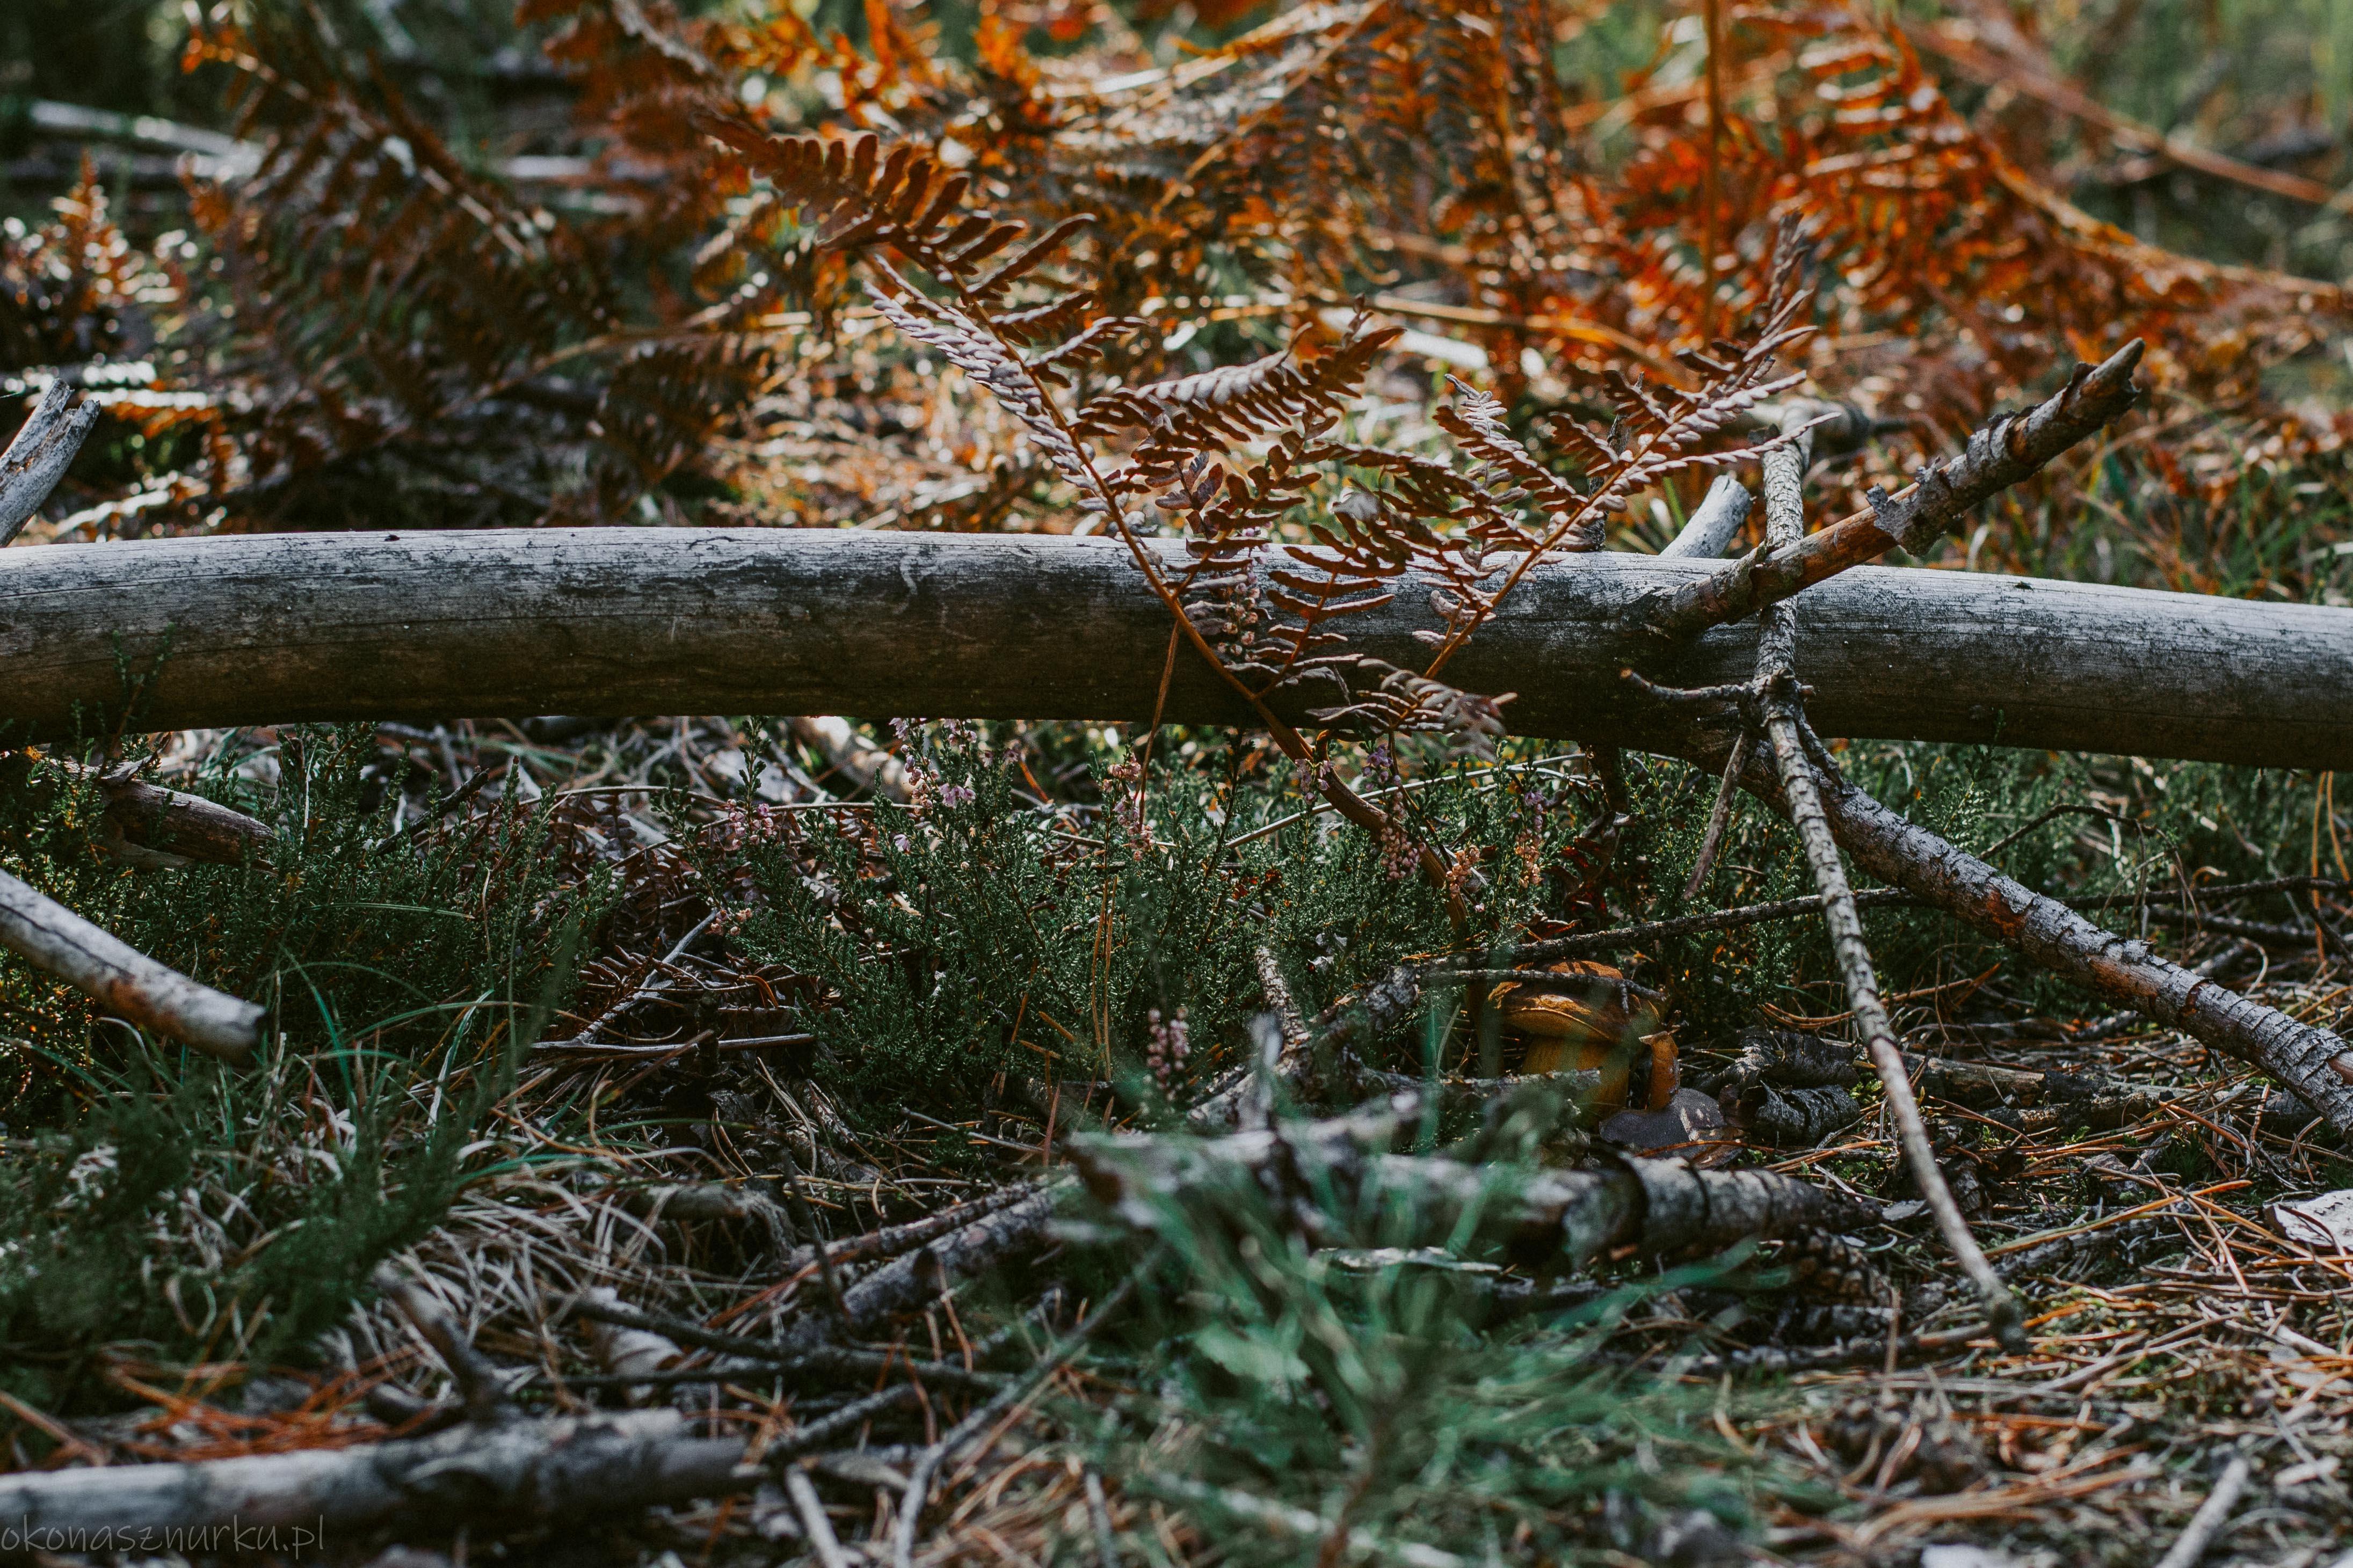 grzybobranie-okonasznurku (45)